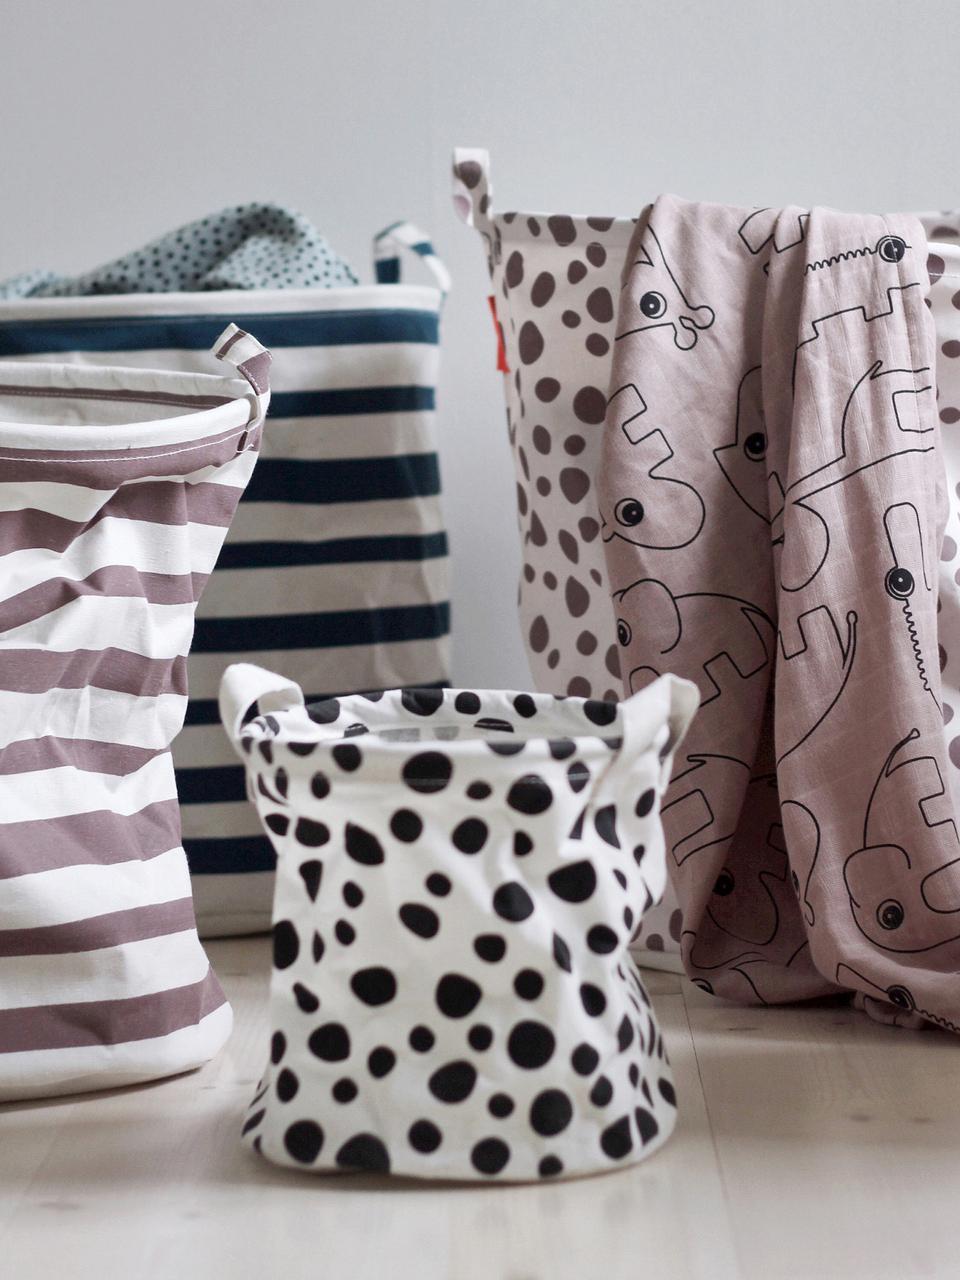 Aufbewahrungkörbe-Set Soft, 2-tlg., 65% Baumwolle, 35% Polyester, PU-beschichtet, Schwarz, Weiß, Set mit verschiedenen Größen